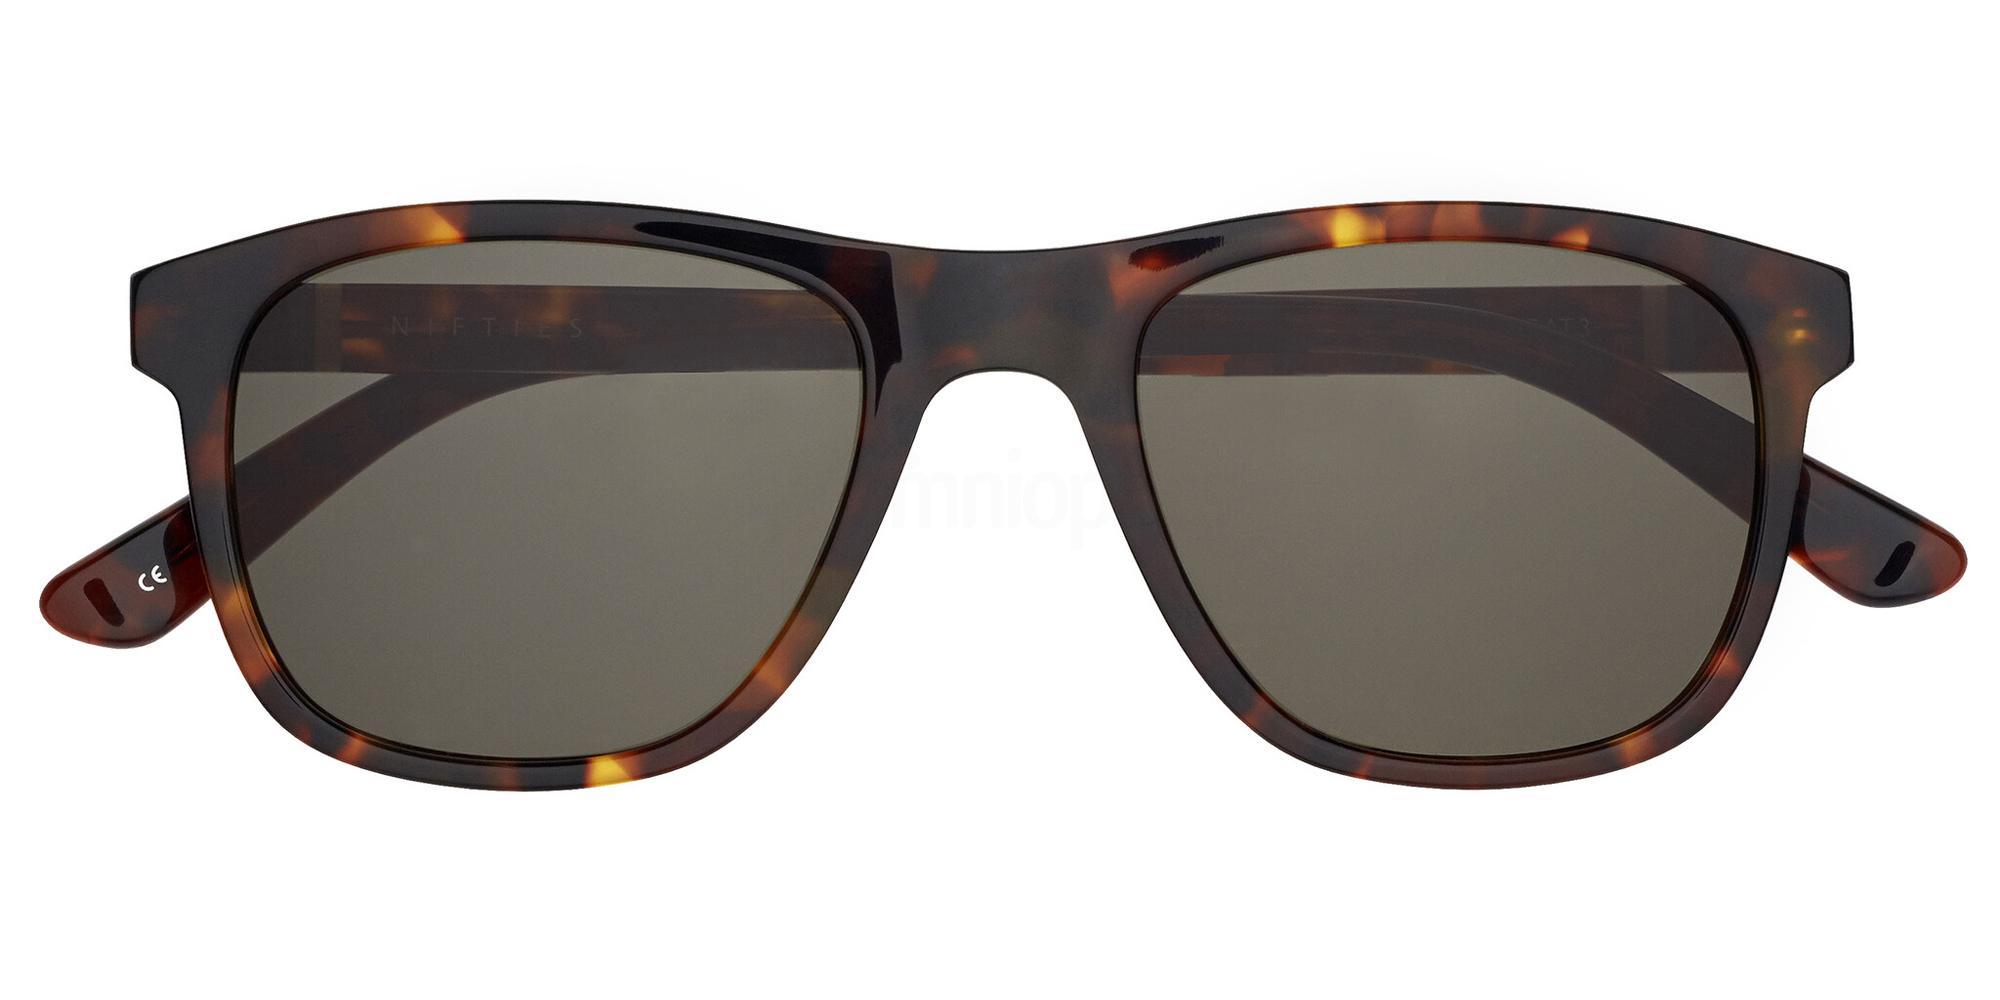 5534 NI9801 Sunglasses, Nifties